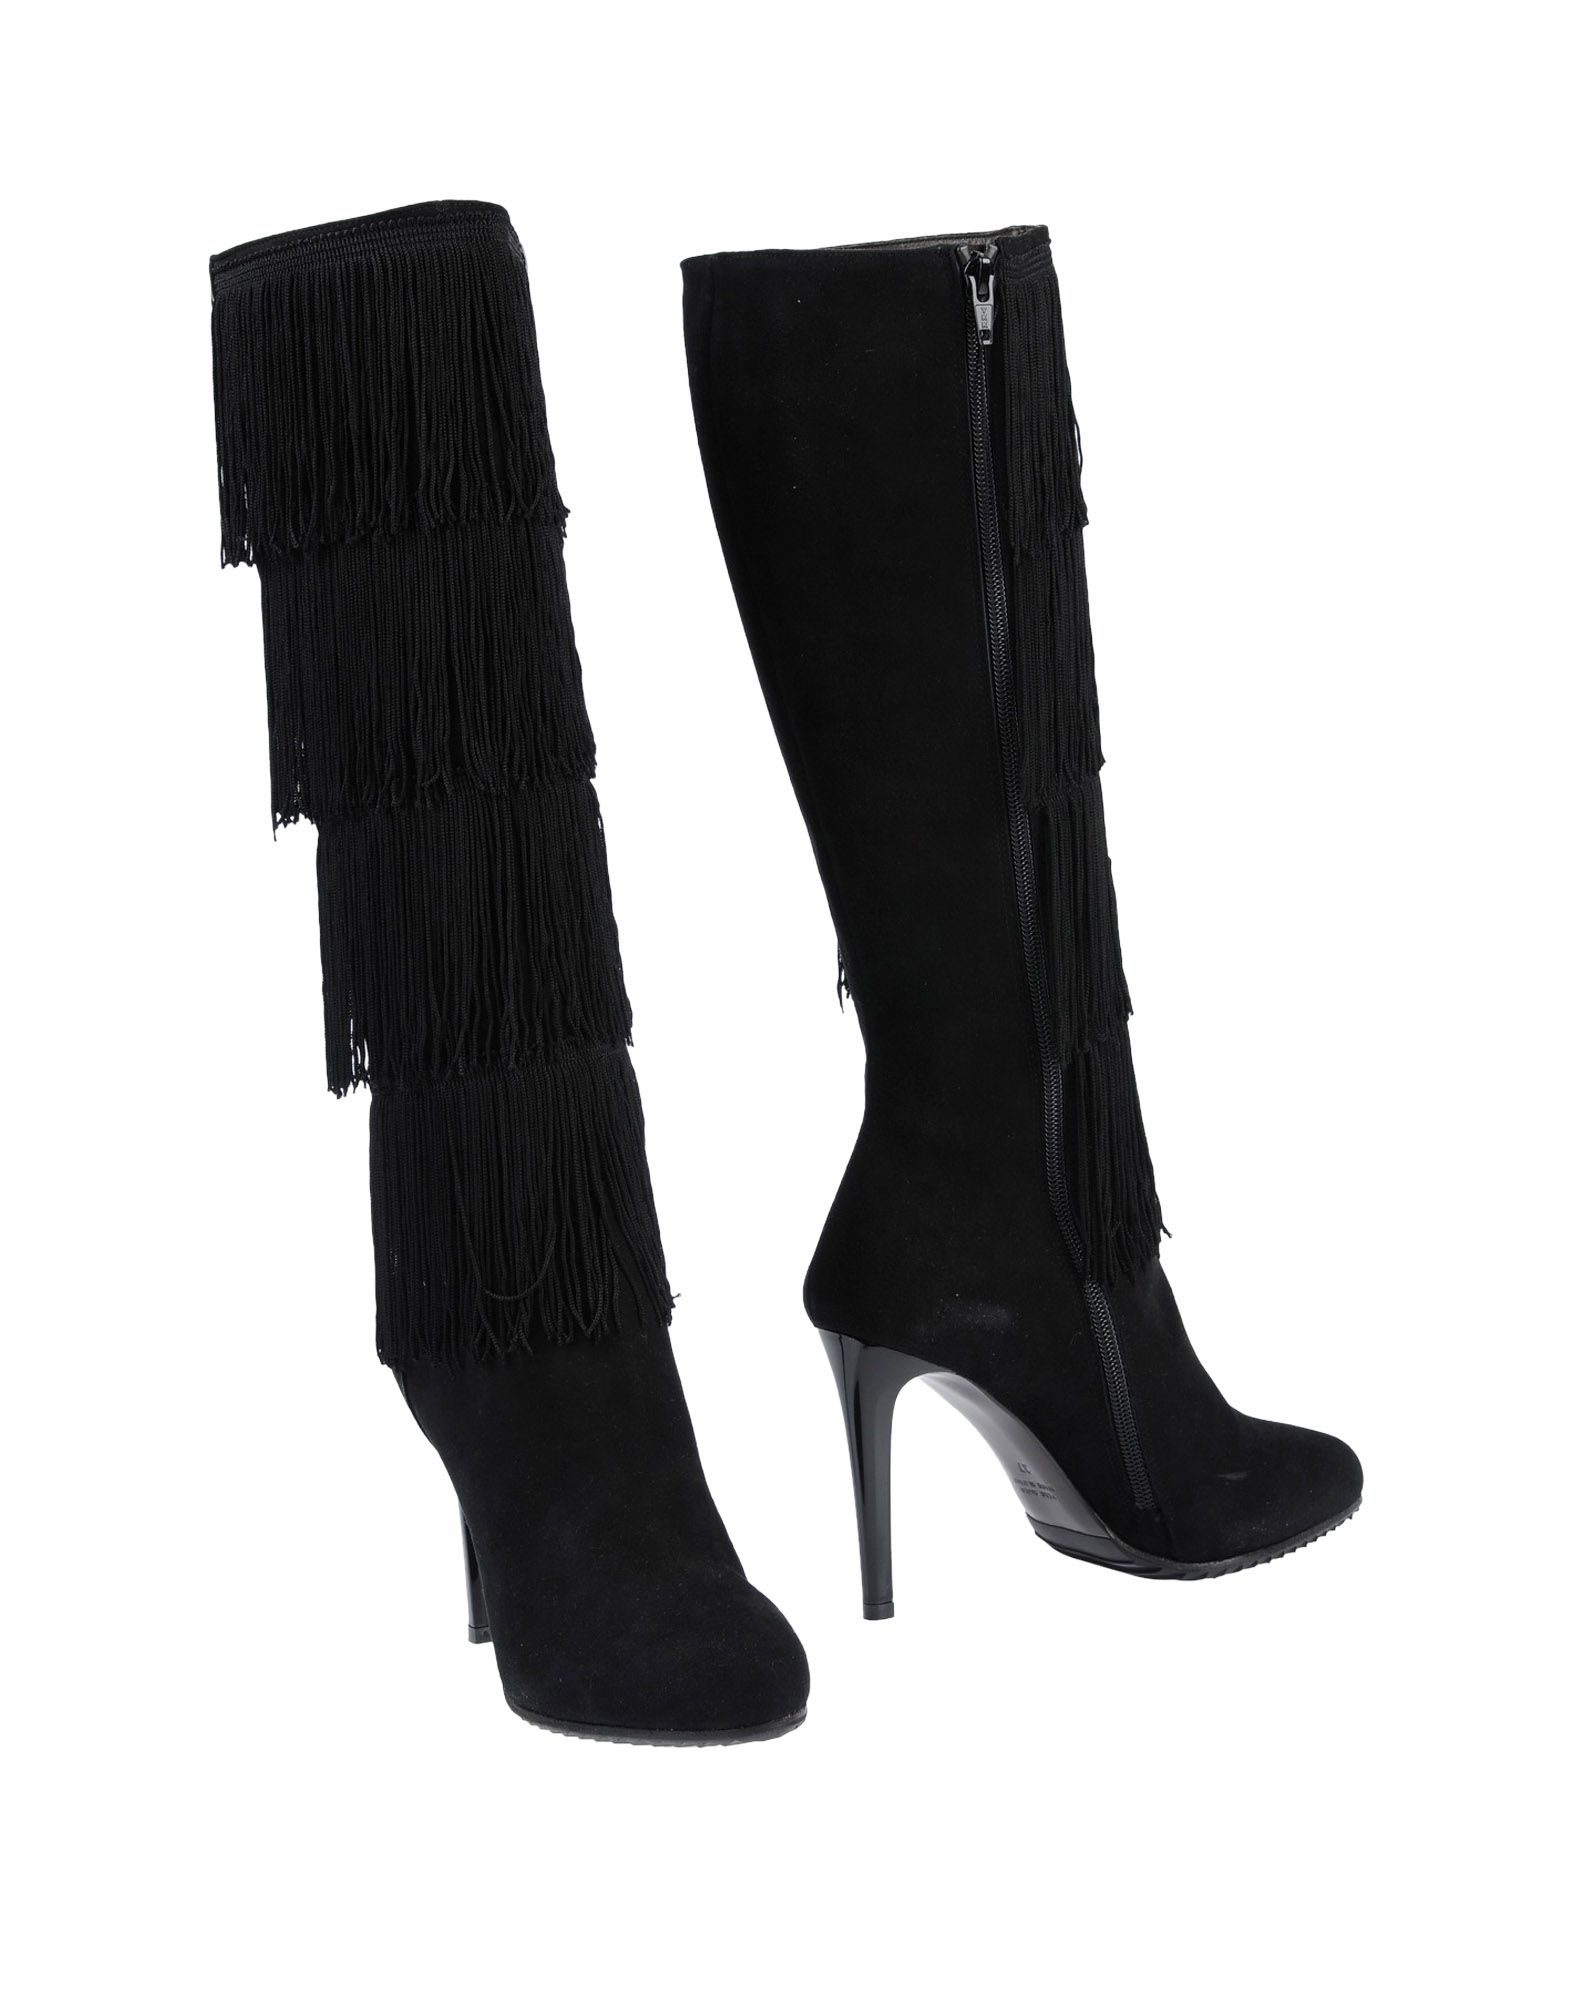 Islo Isabella Lorusso Stiefel Damen  11471715XCGut aussehende strapazierfähige Schuhe